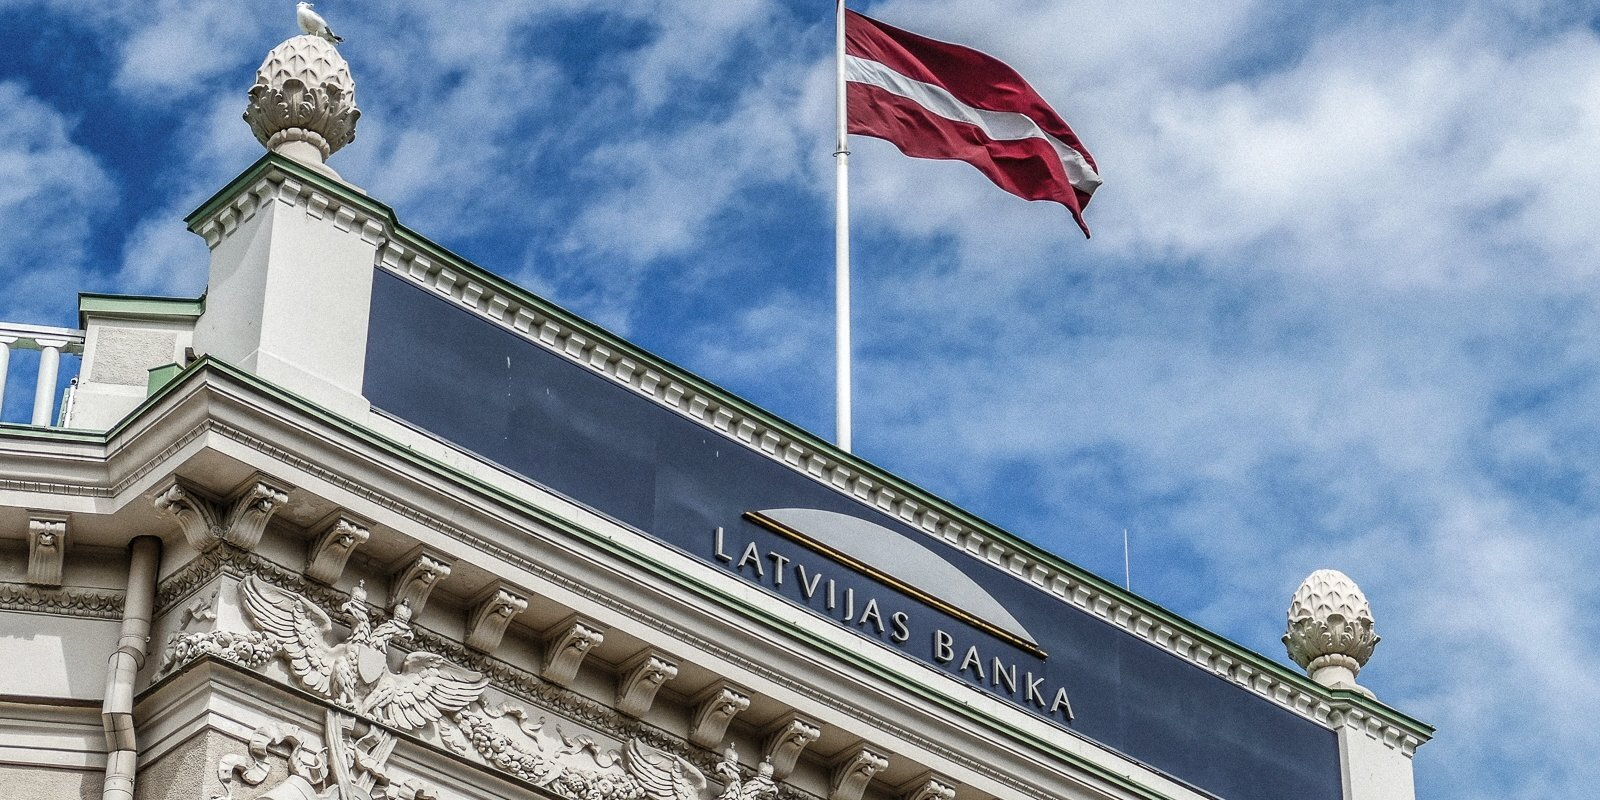 'Nomazgāt kauna traipu' – ko politiķi sagaida no nākamā Latvijas Bankas prezidenta